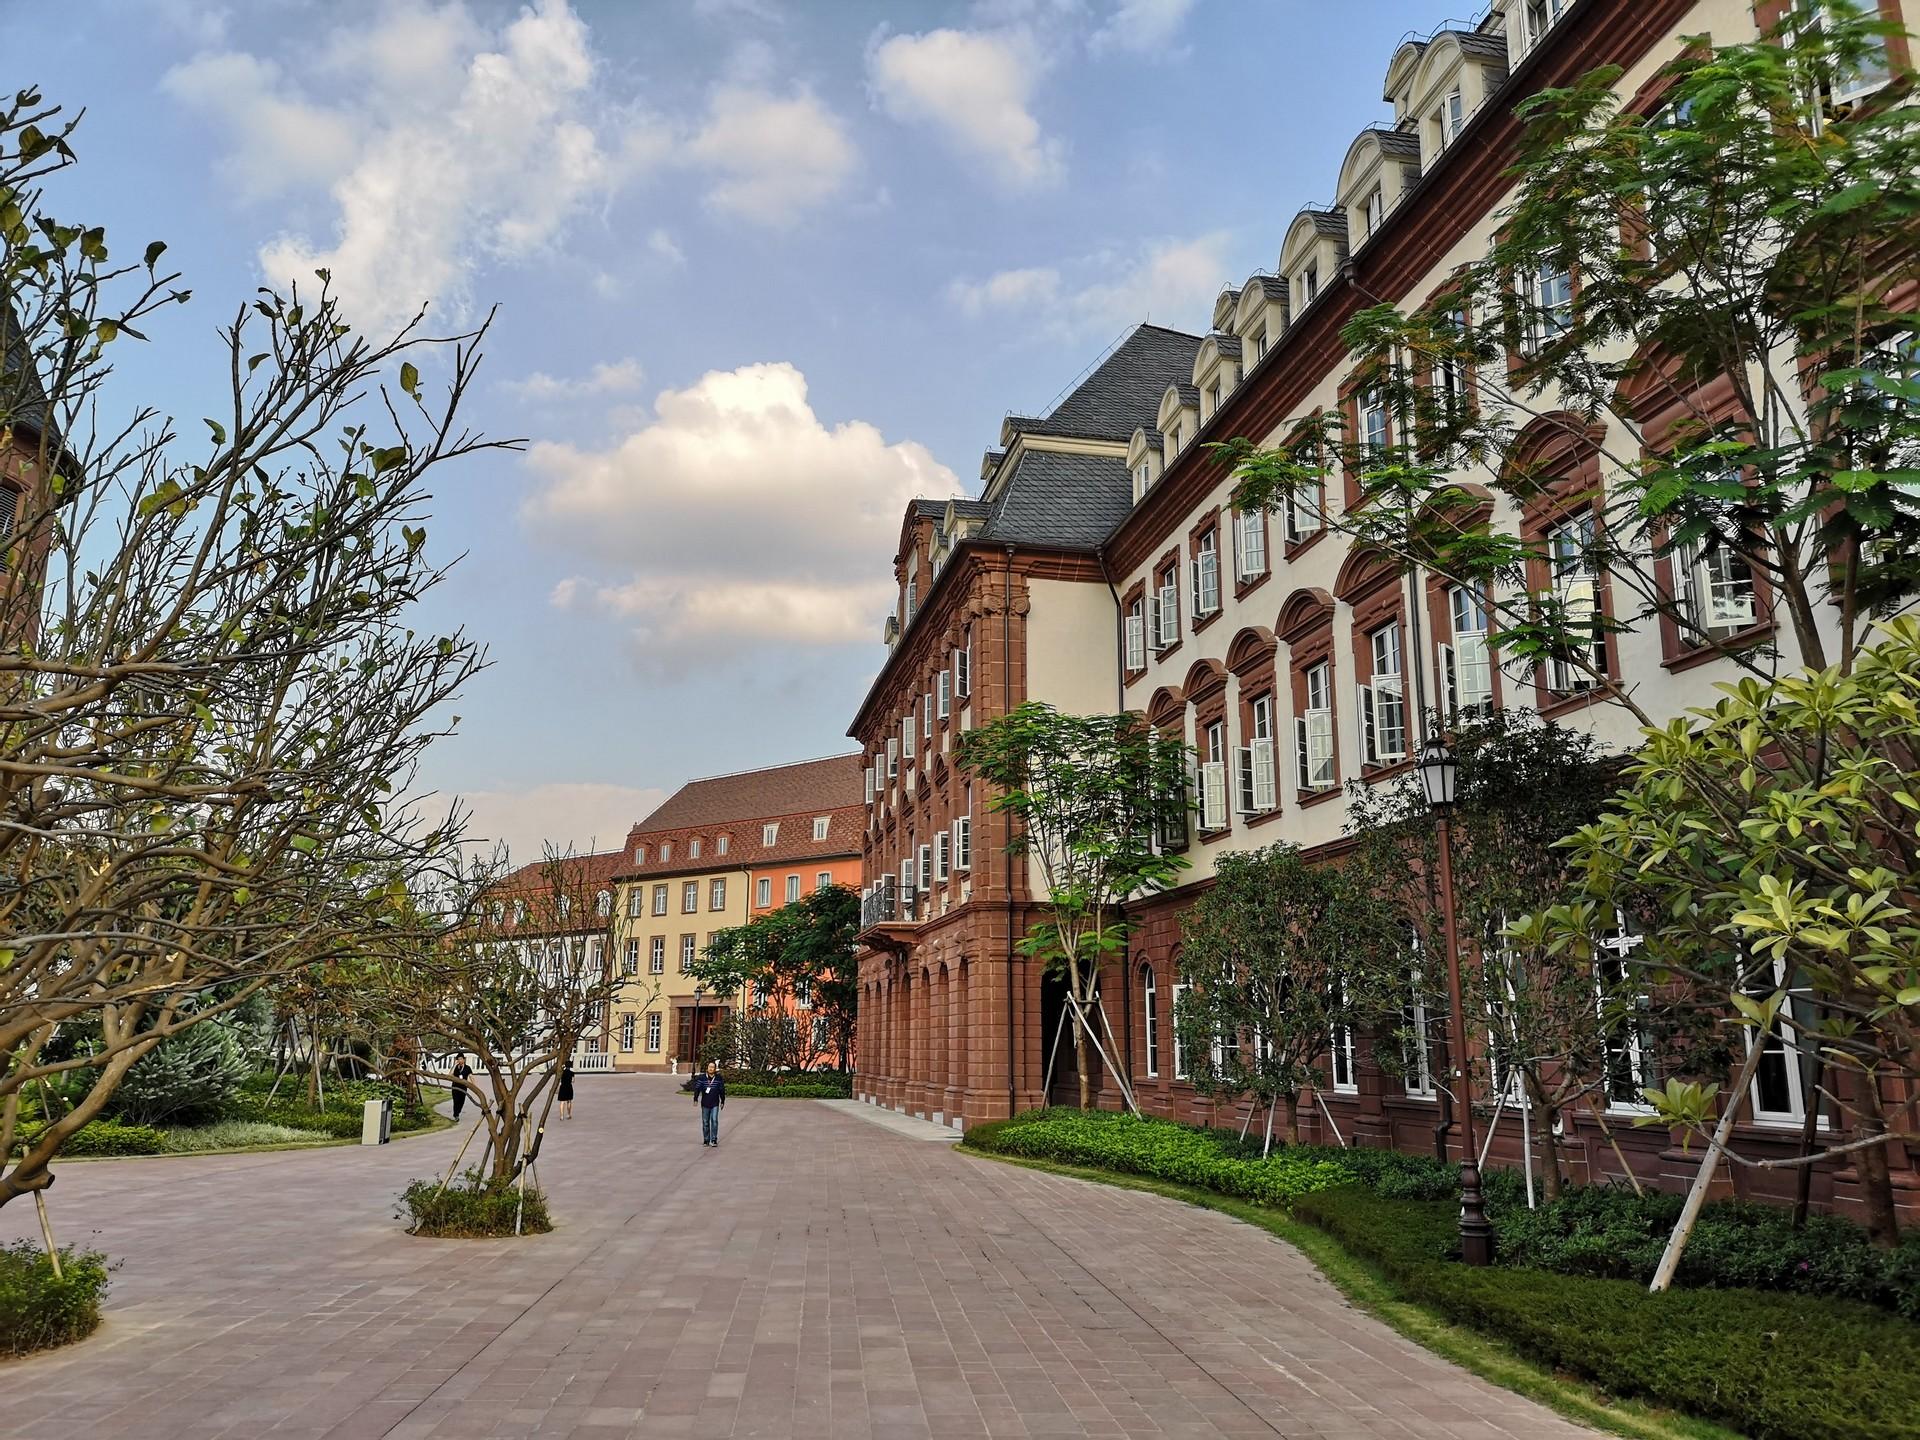 Новый R&D-центр Huawei: европейская архитектура и 7,8 км железной дороги